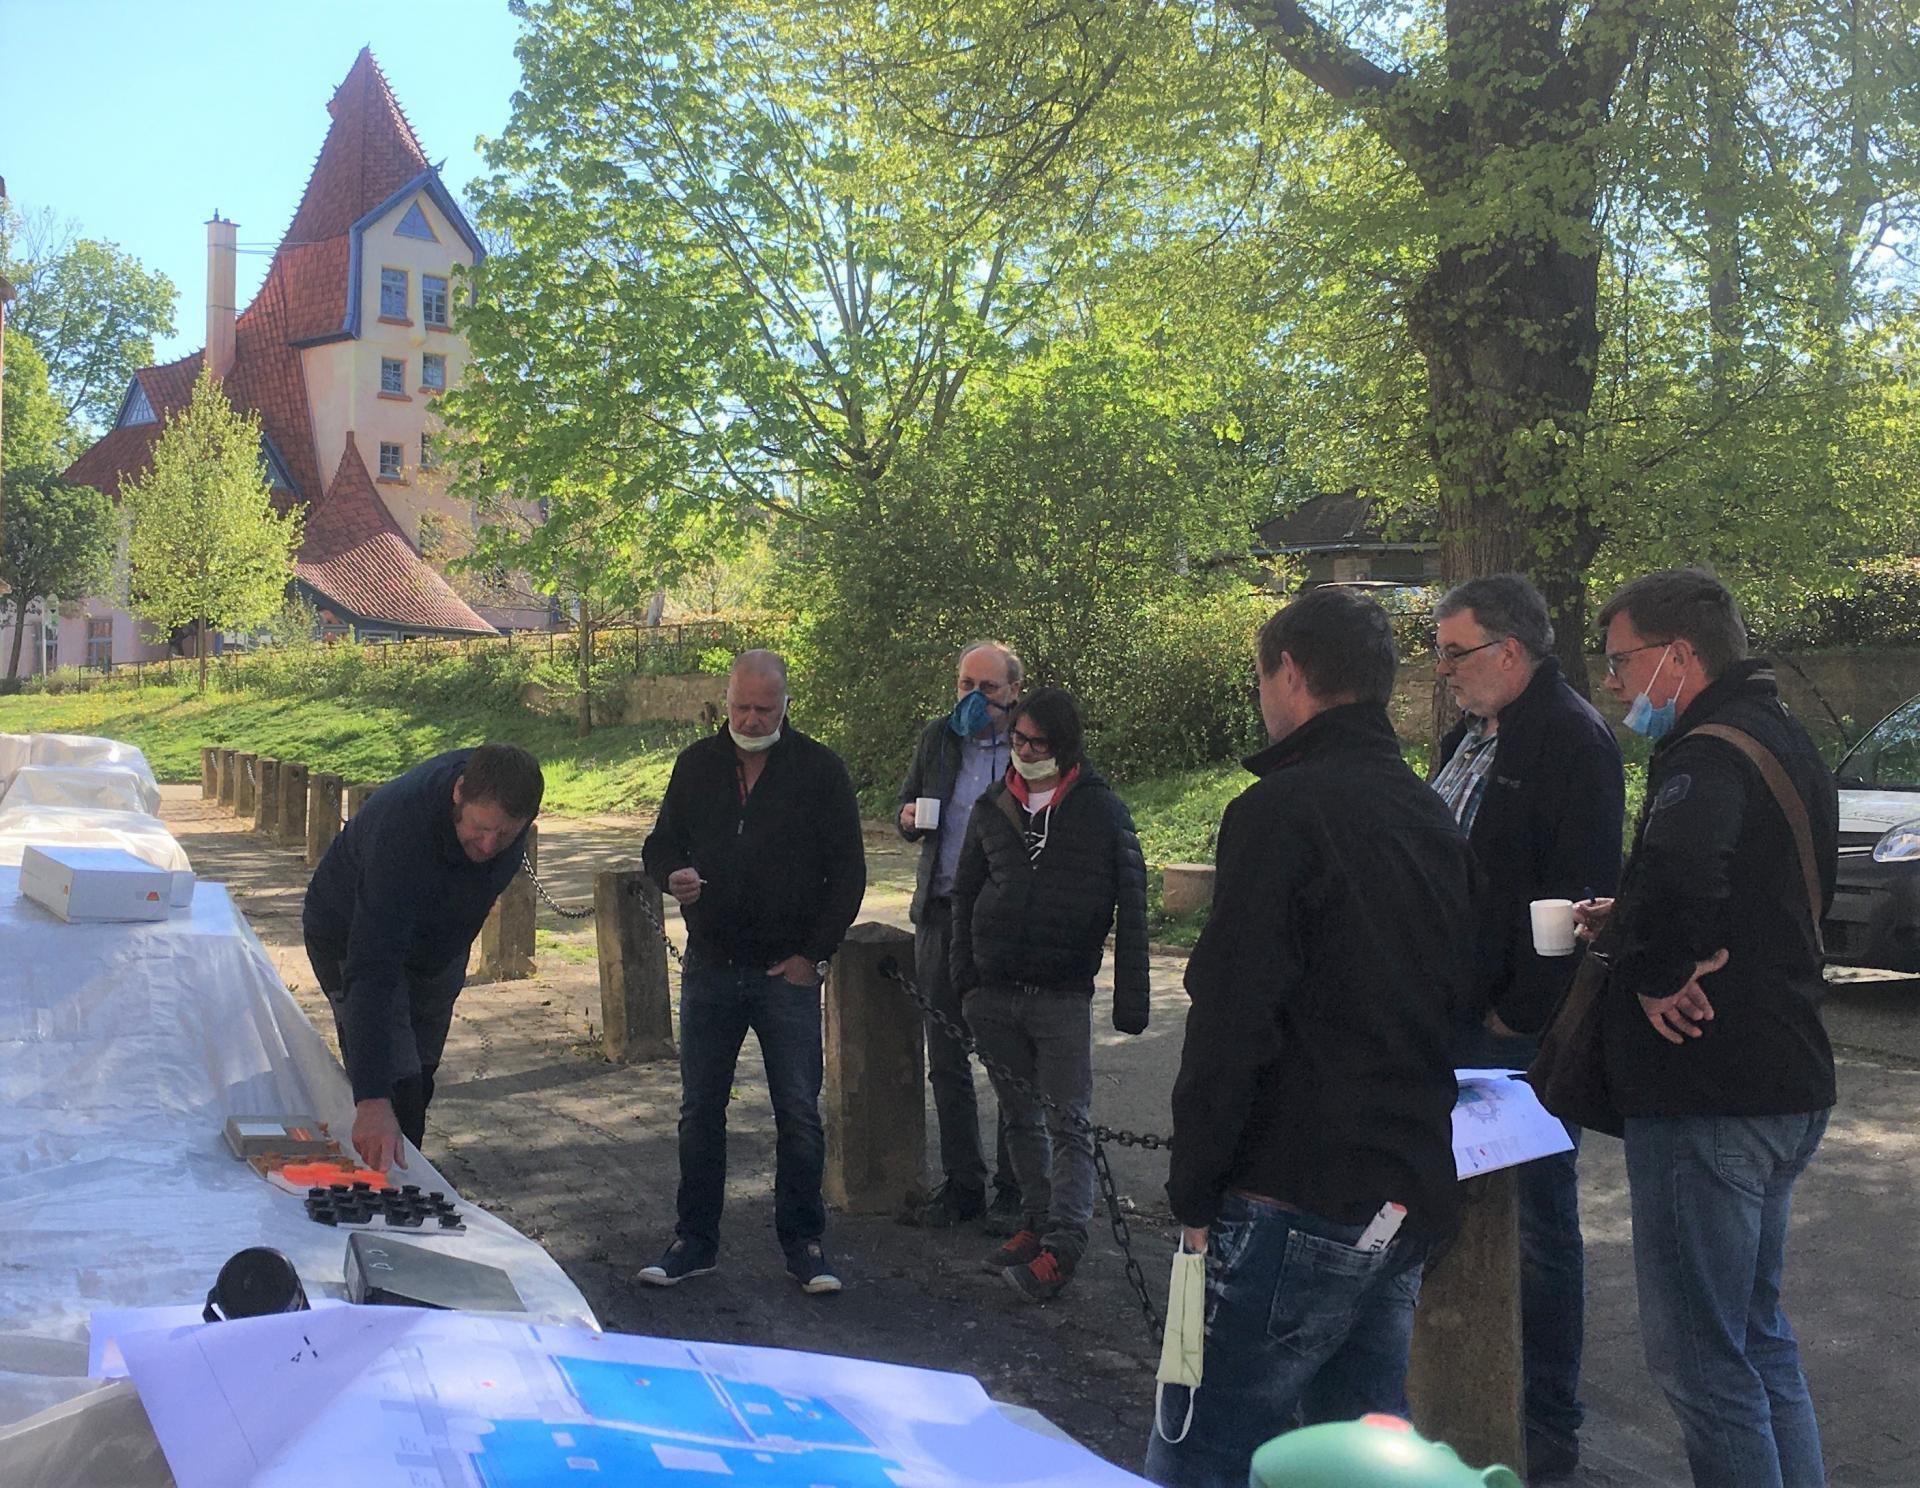 Ortstermin mit M.Kunde, J.Reinhardt, C.Steigertahl, Sohn Reinhardt, F.Wagner, M.Täubert und G.Jauch vom 22.04.20